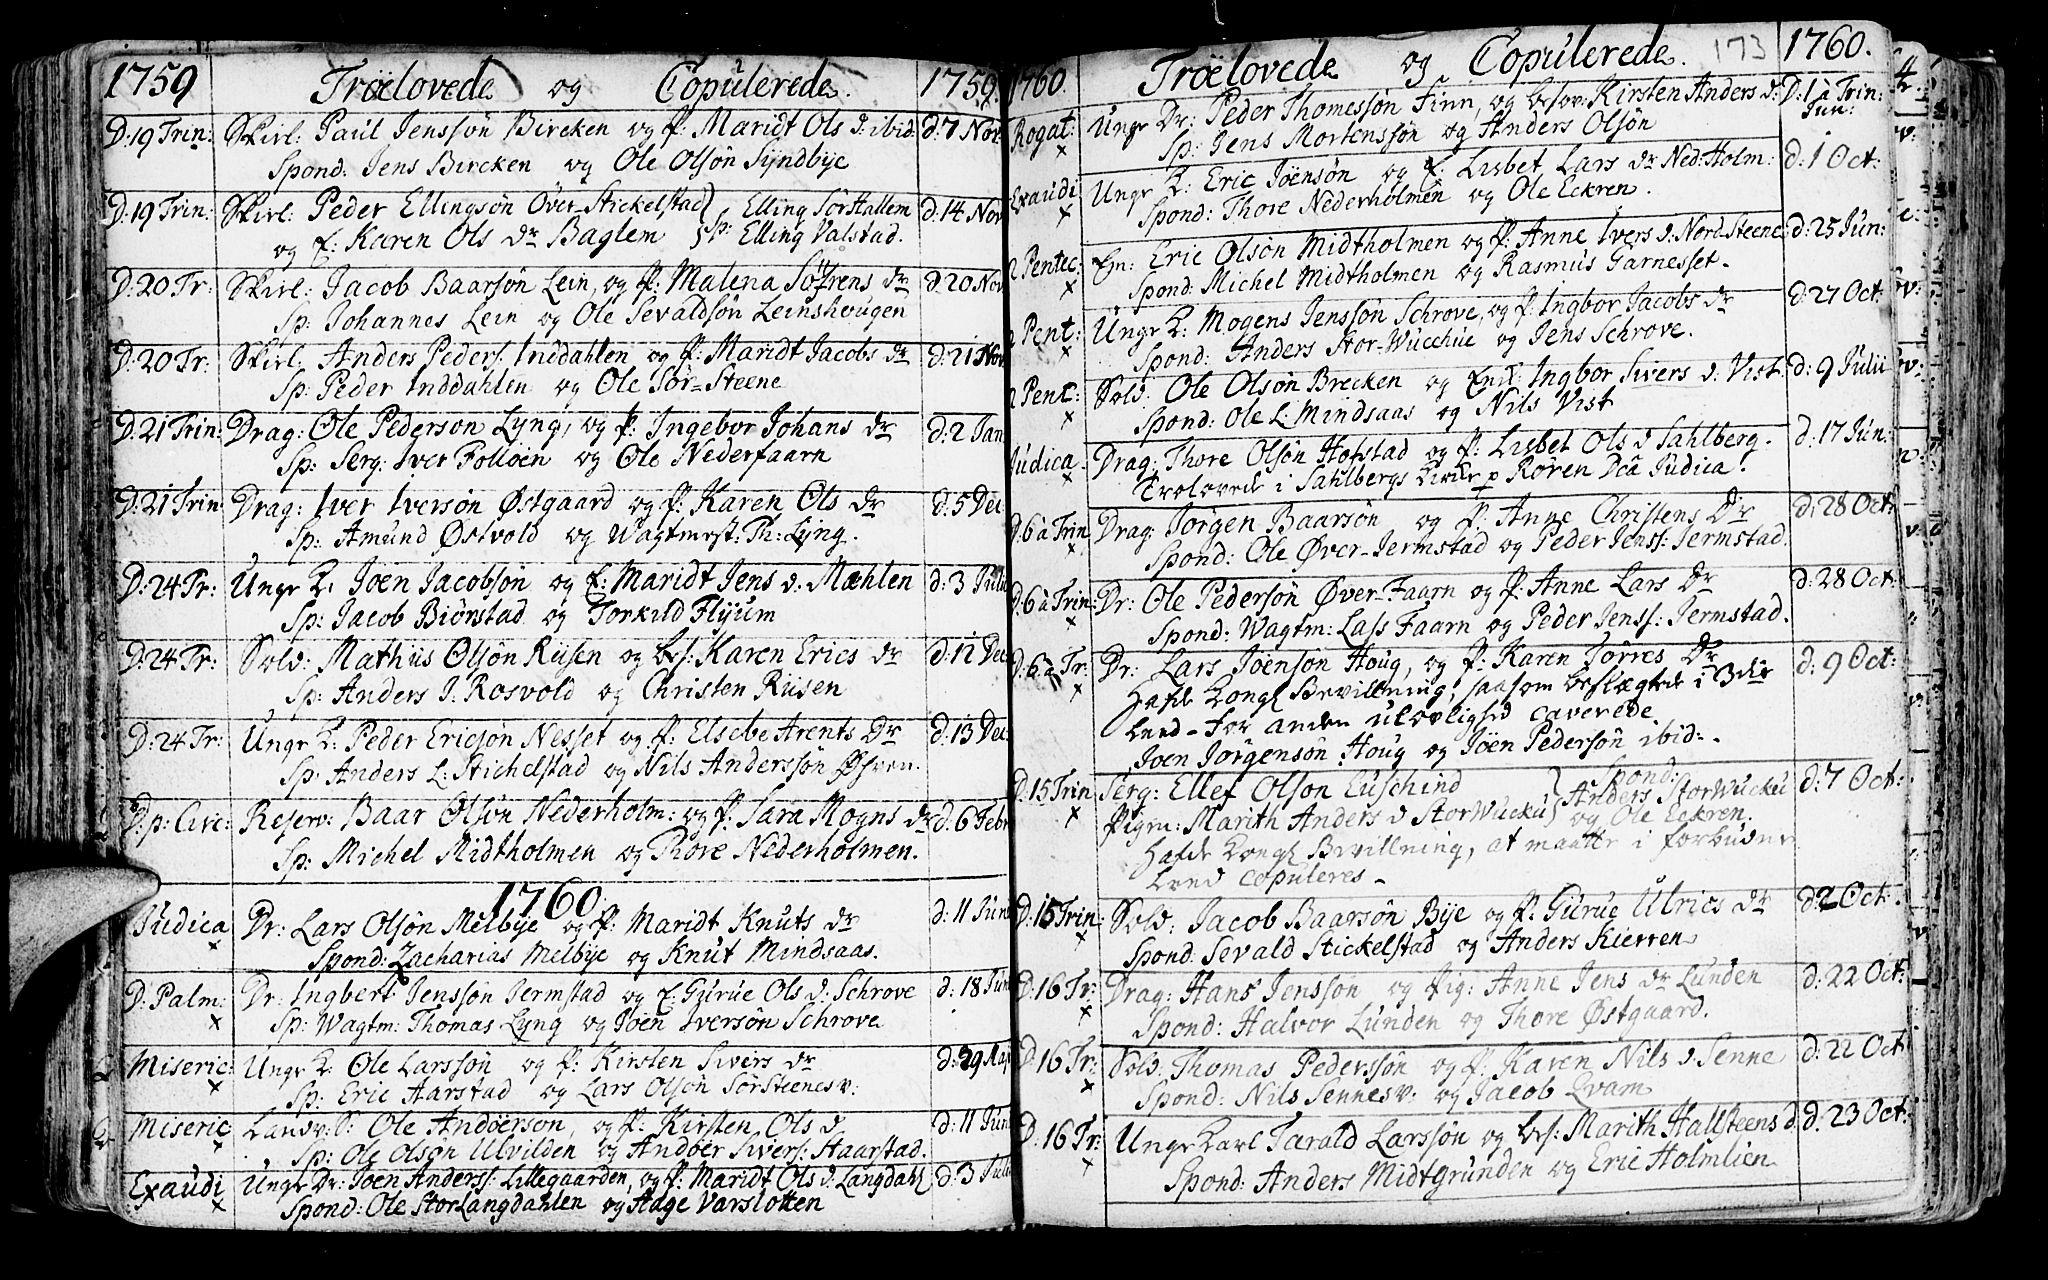 SAT, Ministerialprotokoller, klokkerbøker og fødselsregistre - Nord-Trøndelag, 723/L0231: Ministerialbok nr. 723A02, 1748-1780, s. 173